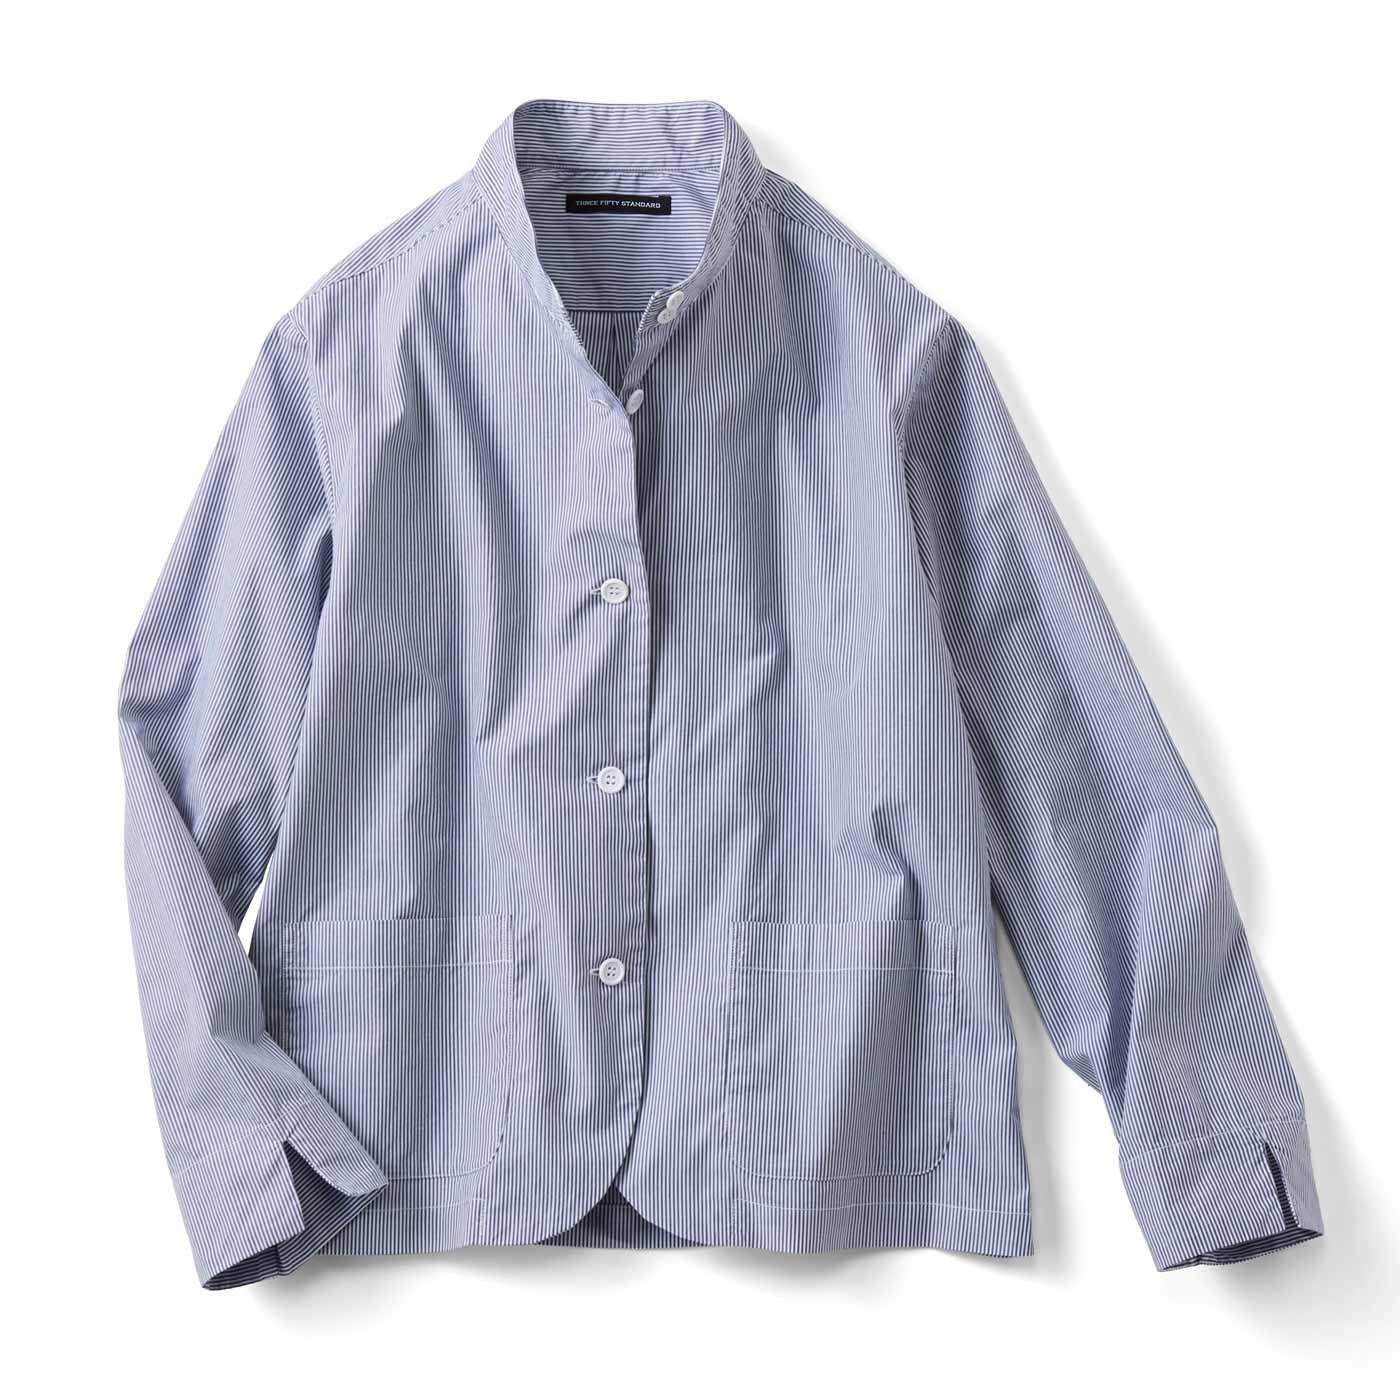 THREE FIFTY STANDARD シャツ生地でつくったラフな ブルーストライプジャケット